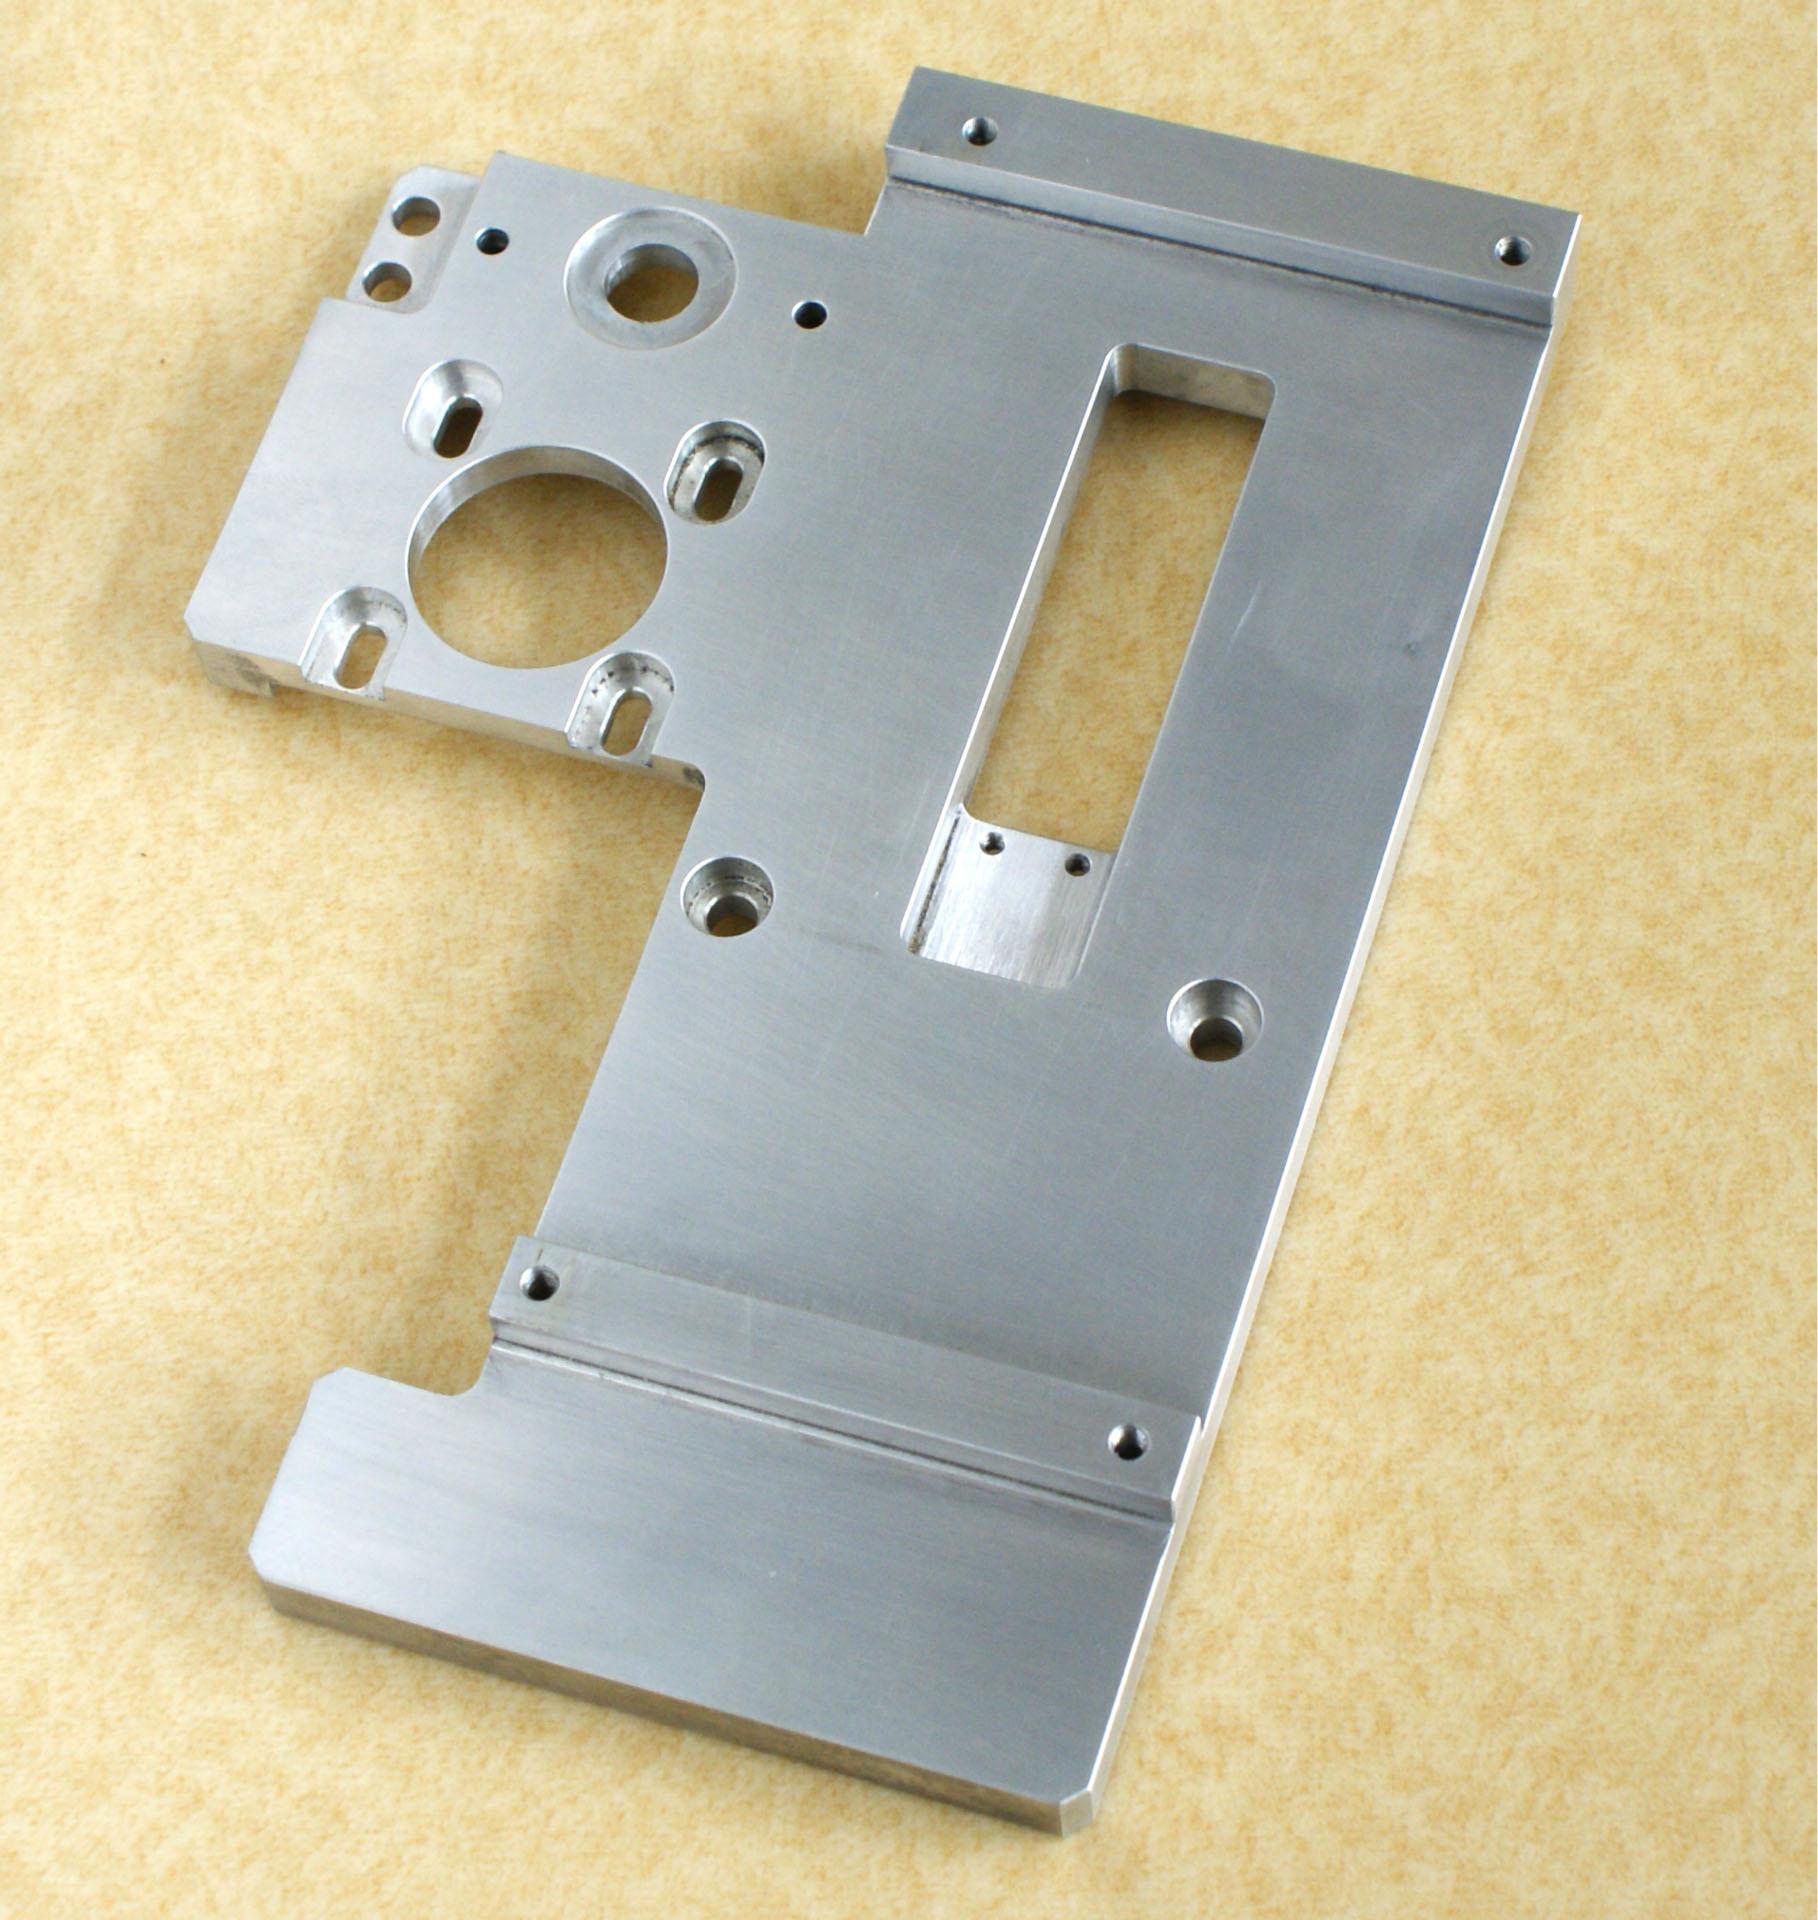 La Lavorazione di Alluminio in Lega di Alluminio, Alluminio piatto di bricolage dei pugni di piegare il taglio Laser modificato per la mappa